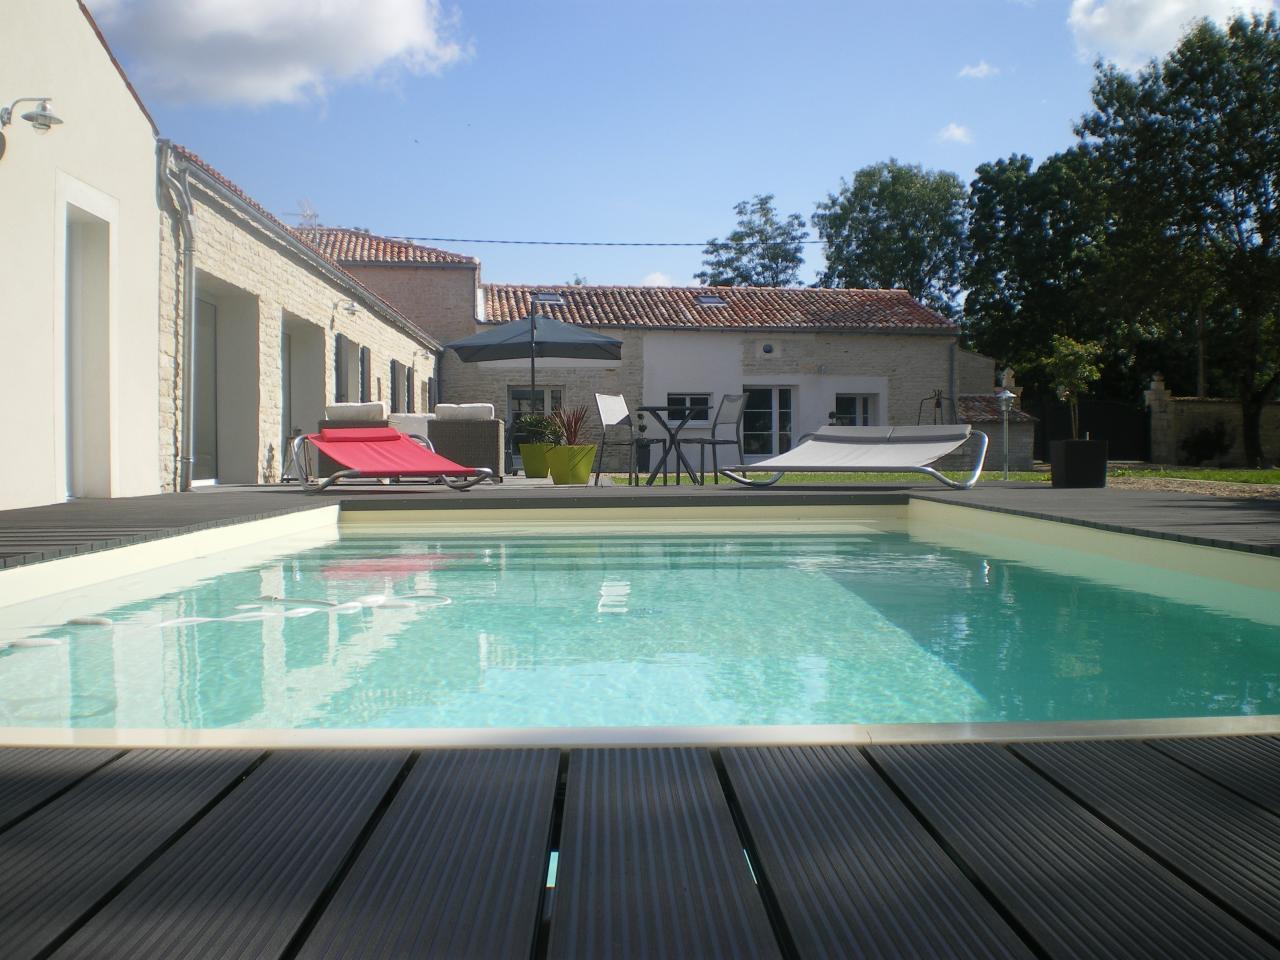 Chambre d 39 h tes la fompatoise avec sa piscine chauff e - Chambre d hote piscine bretagne ...